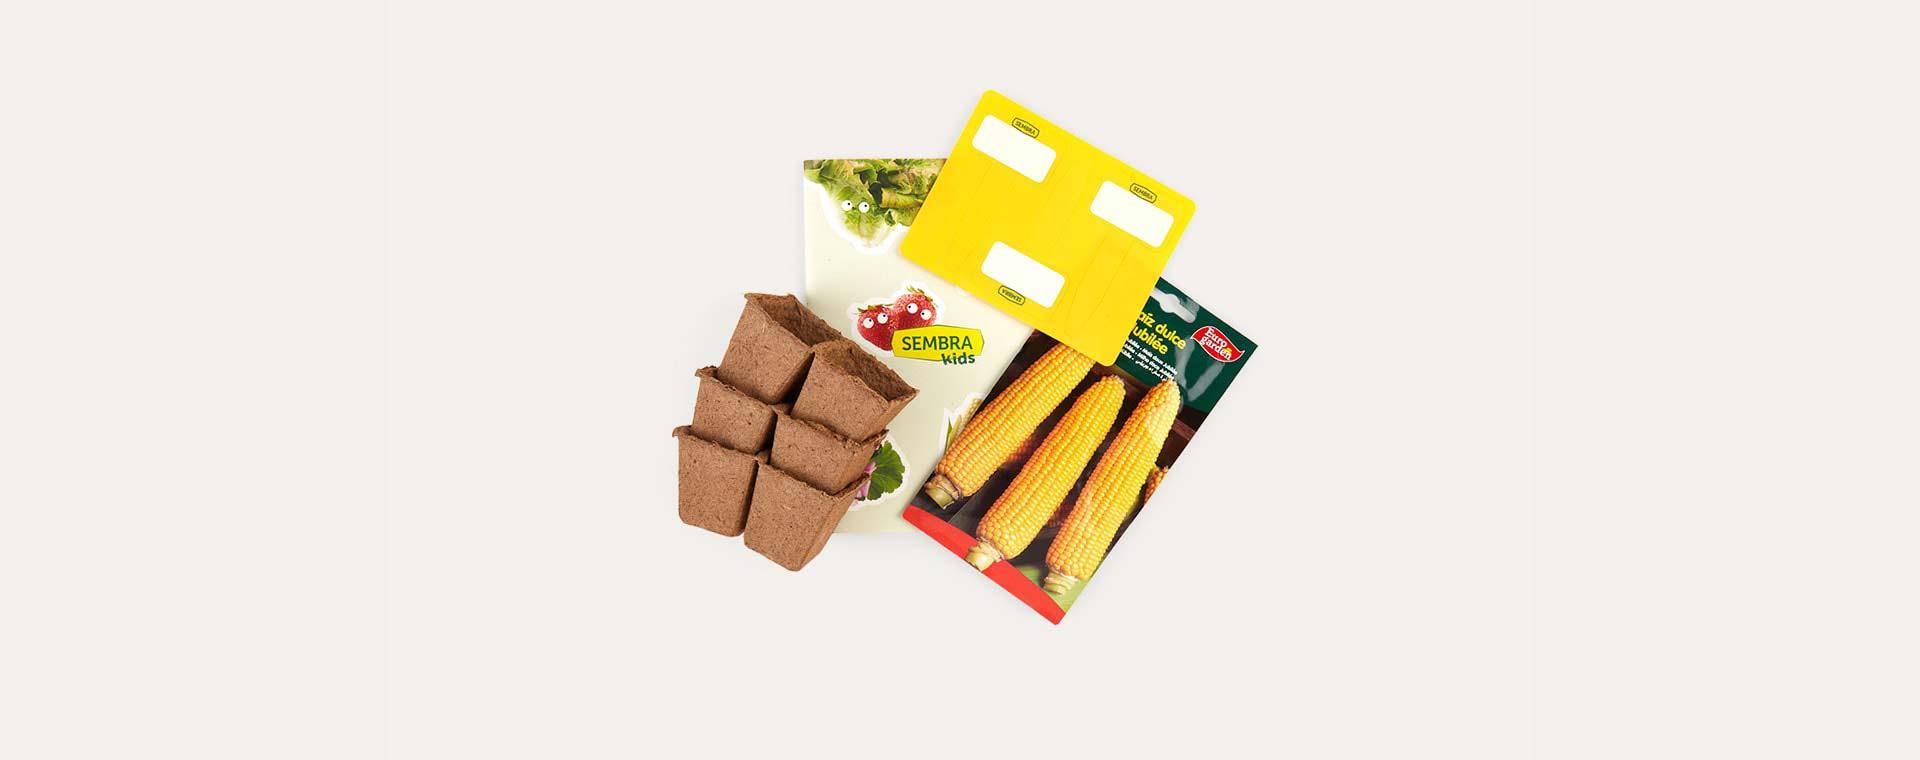 Corn For Popcorn Sembra Kids Standard Kit